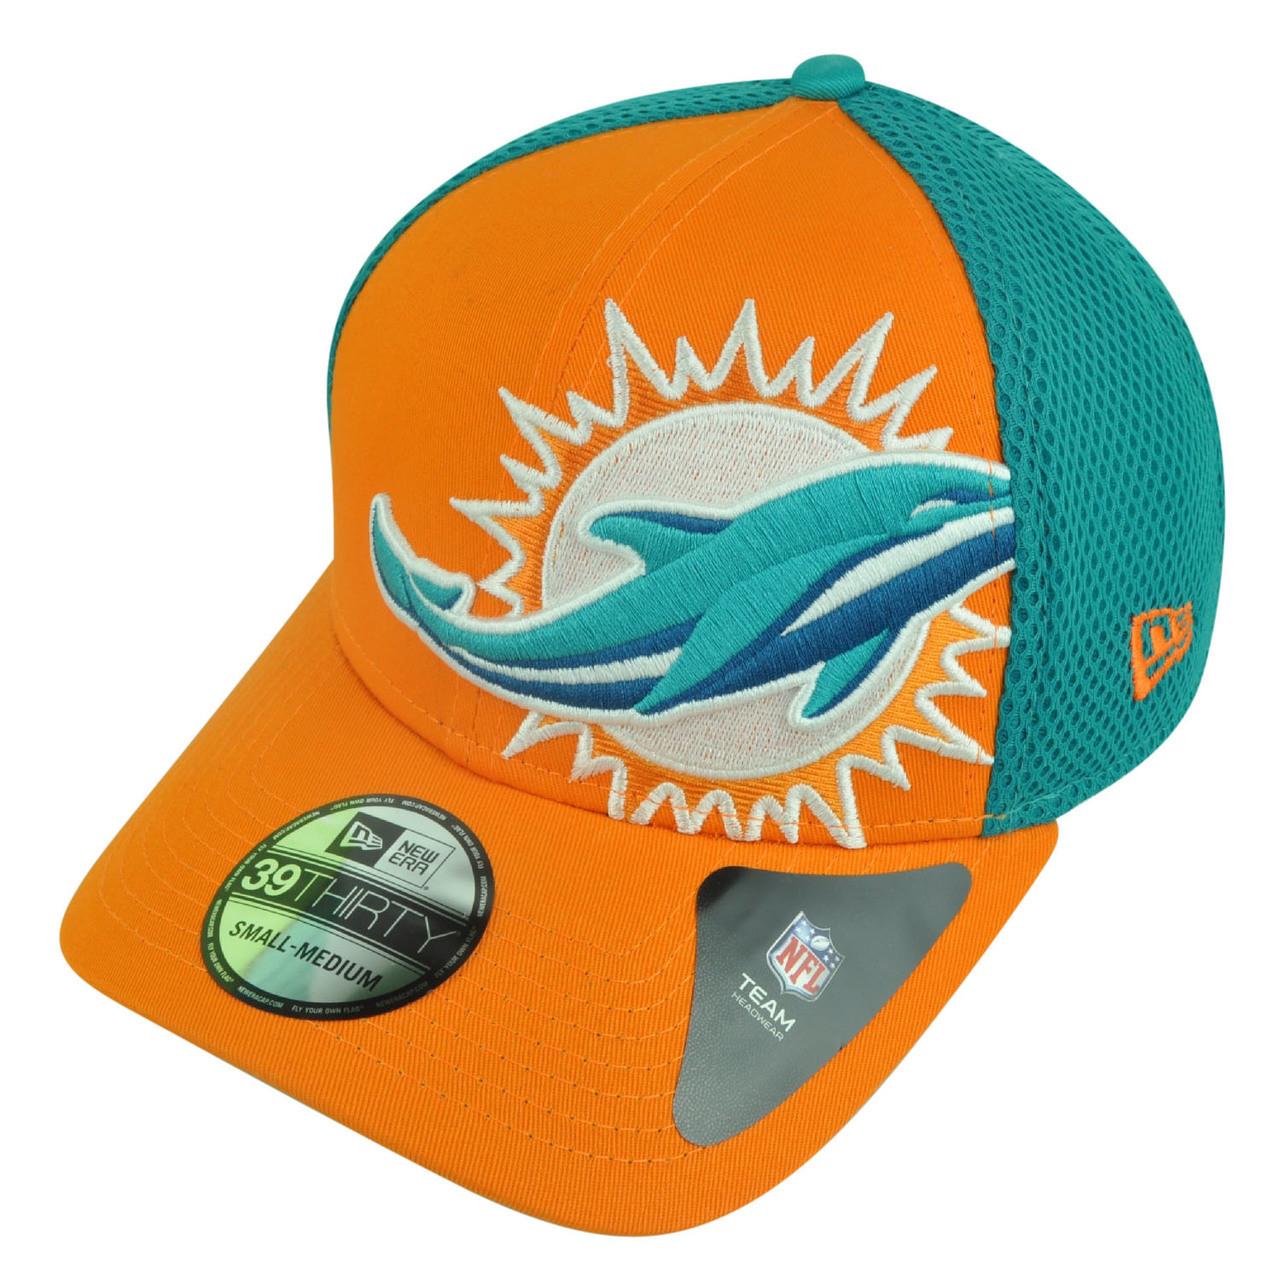 NFL New Era 3930 Miami Dolphins Flex Fit Small Medium Logo Blimp Neo Hat Cap 7bc27735d6fe